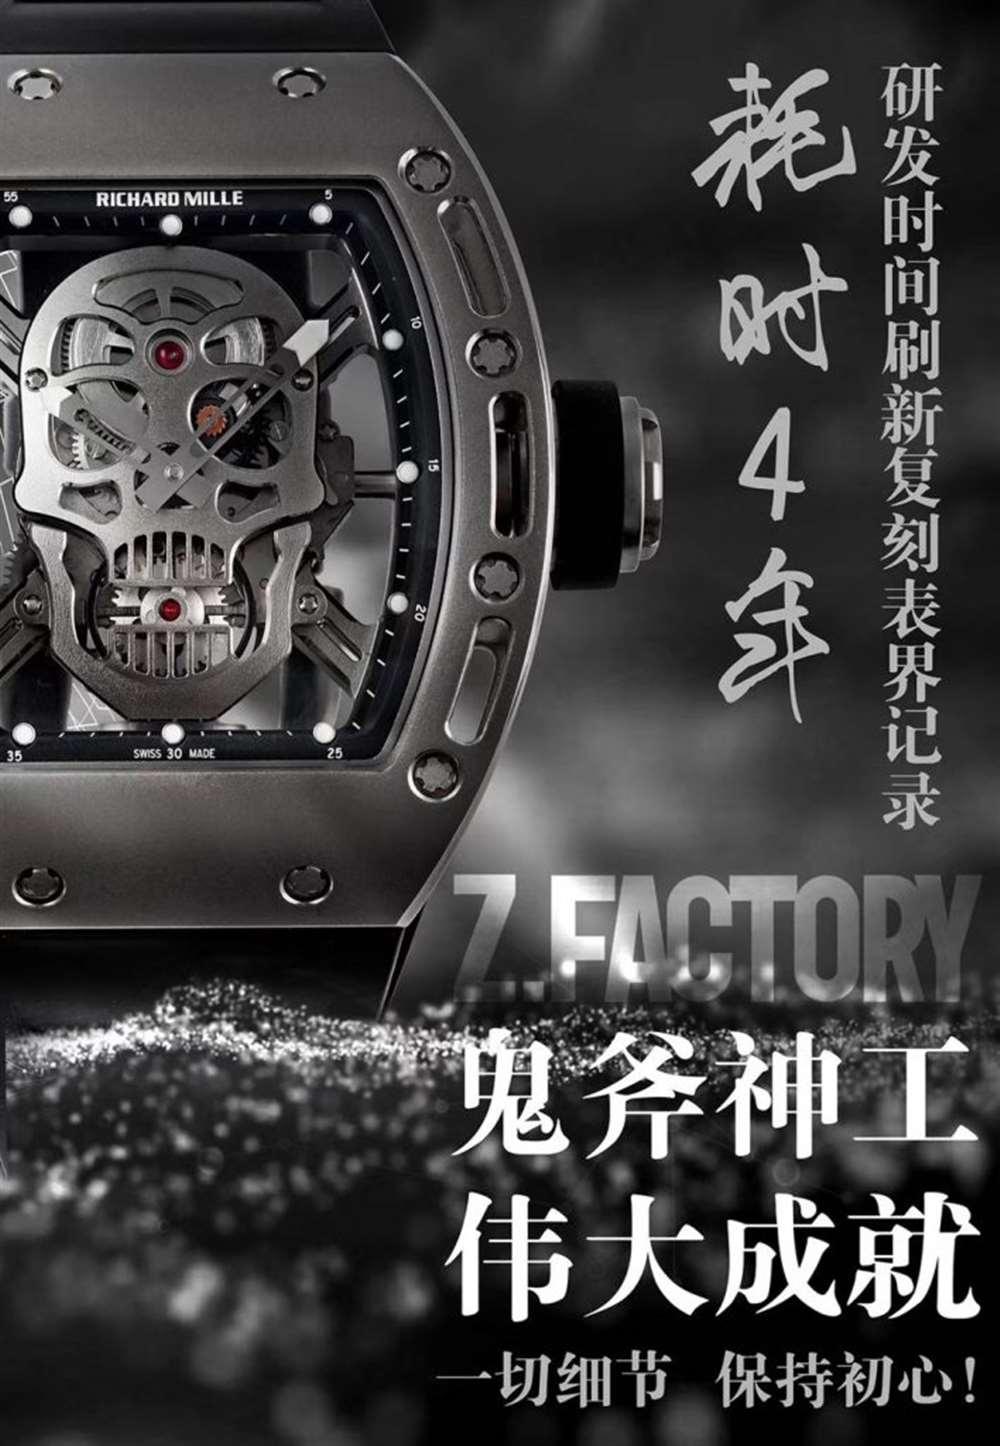 ZF厂理查德米勒鬼斧神工RM052腕表震撼来袭